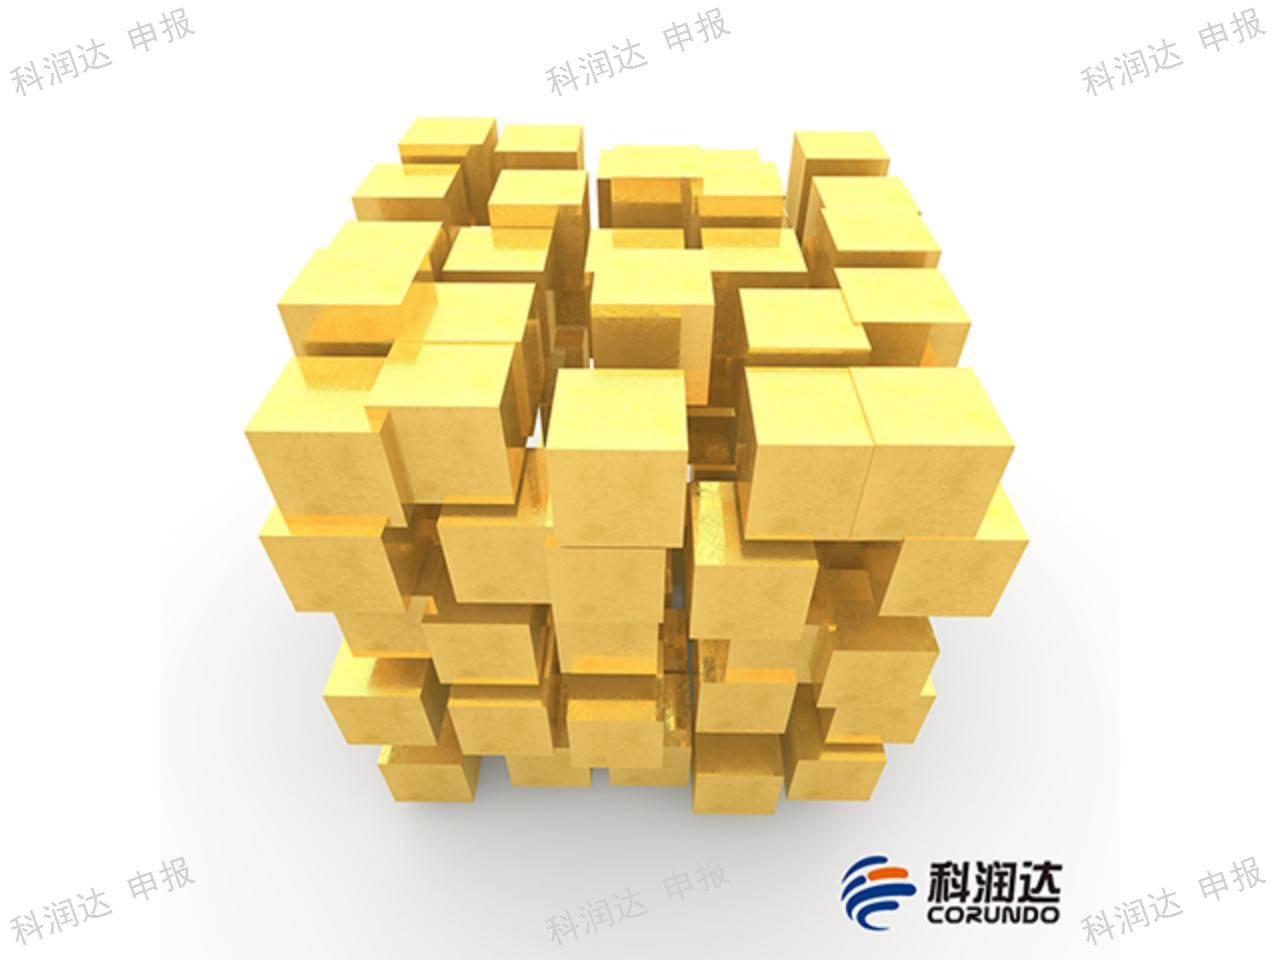 静安区价格优惠技术创新项目 来电咨询 上海科润达供应